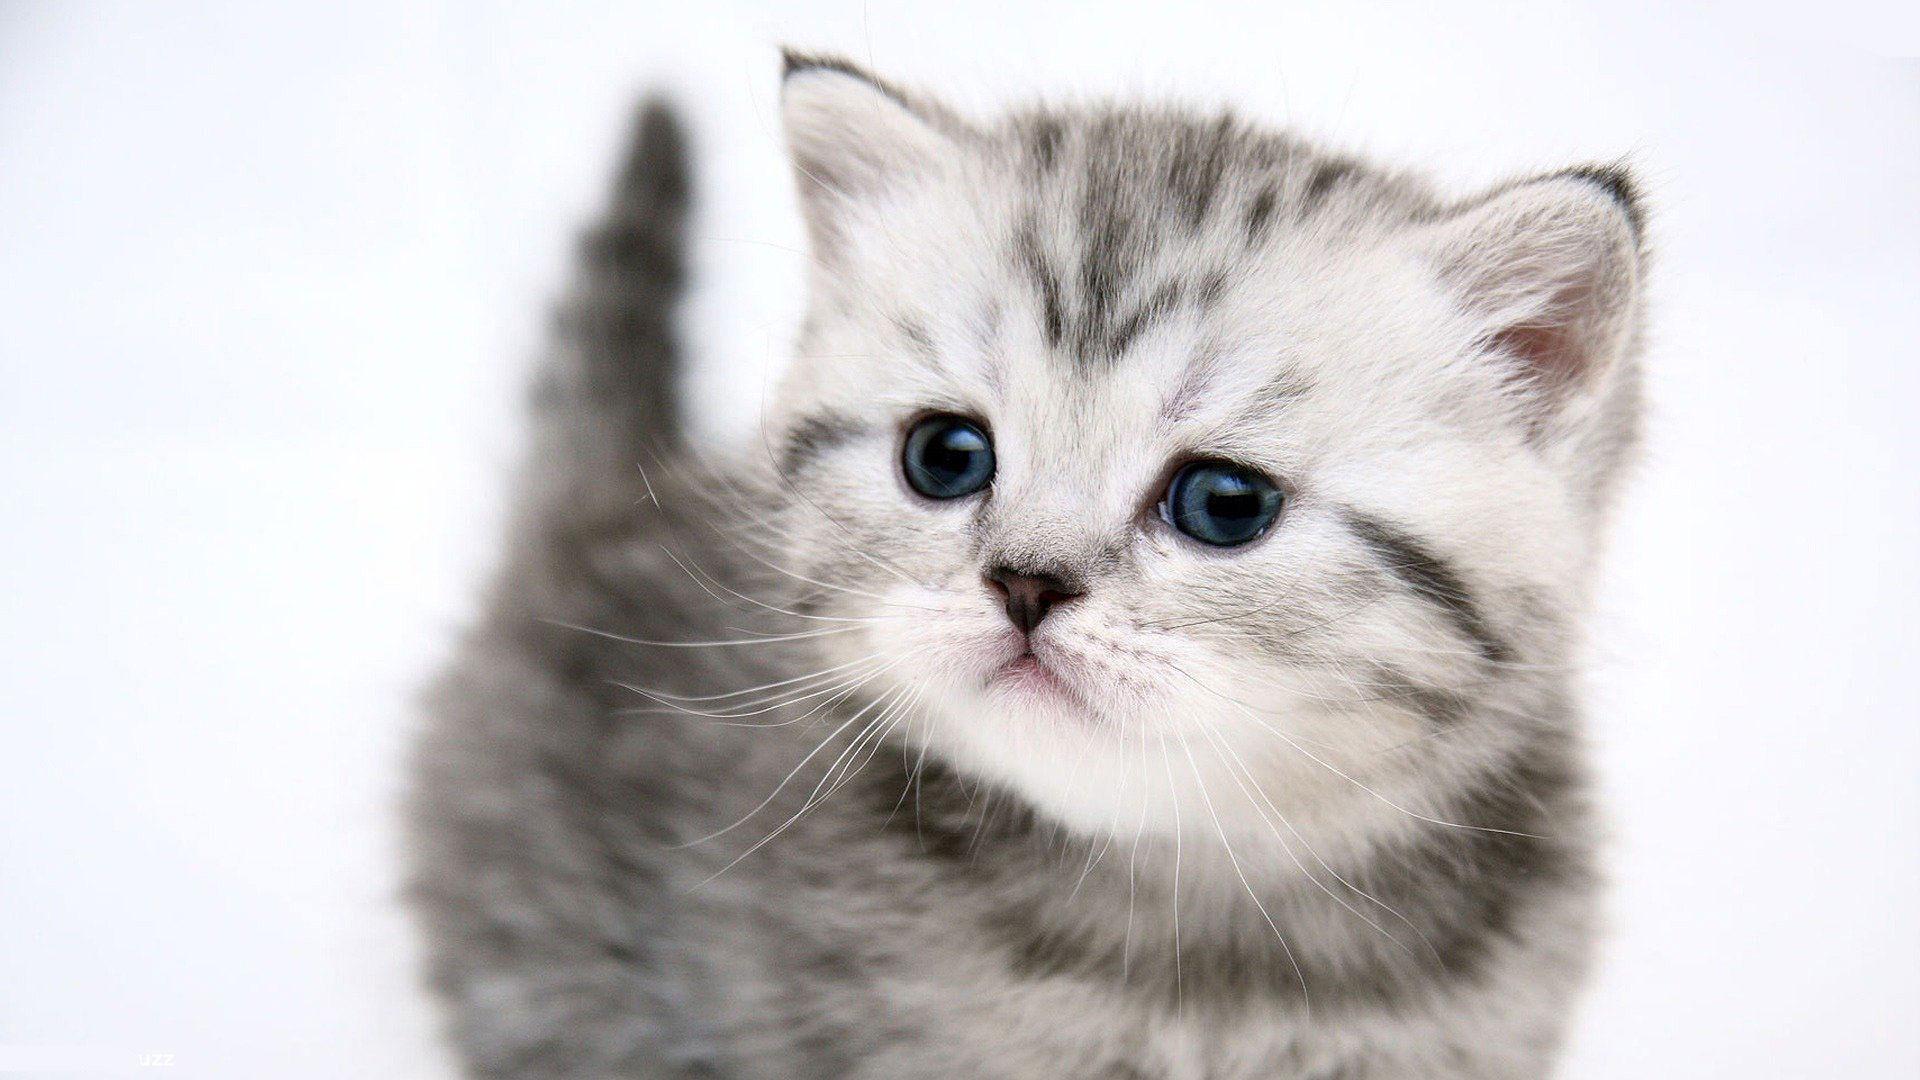 Cute Gray Cat - 1920x1080.